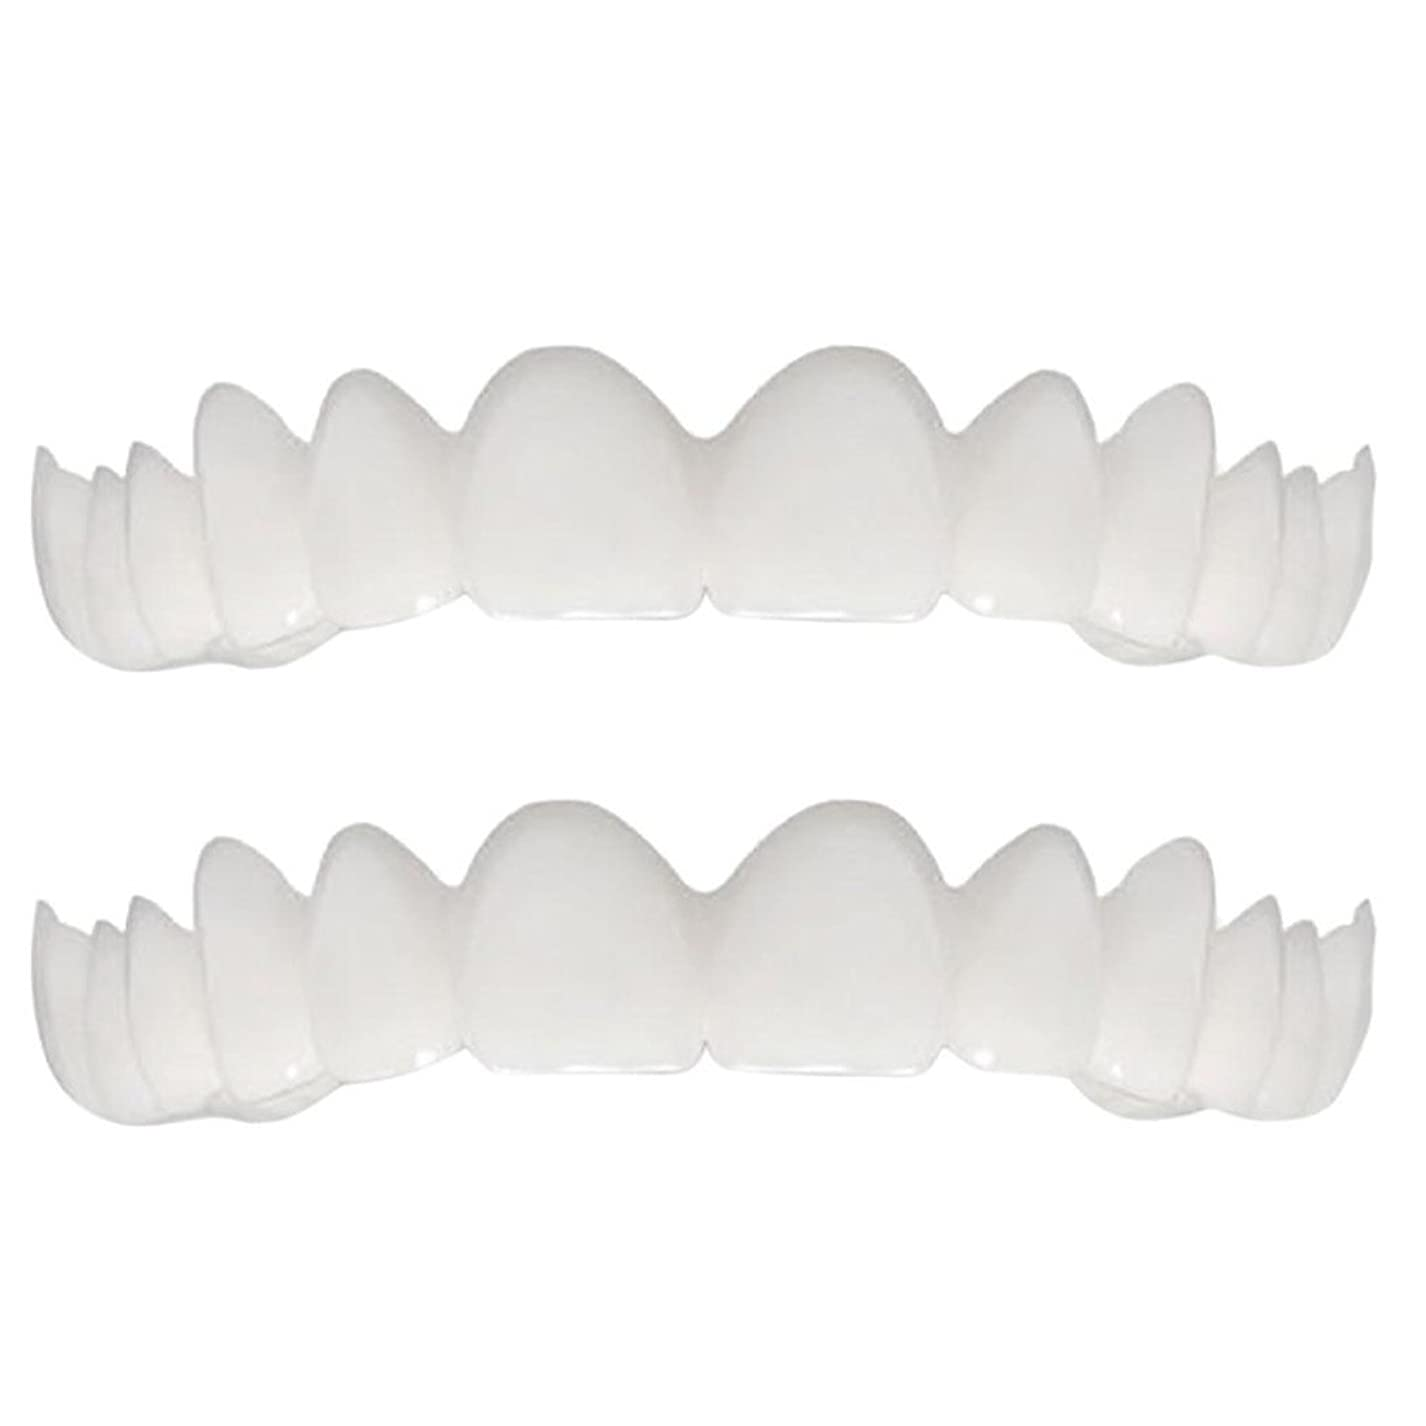 柔らかい歯の総義歯と合うシリコーンのシミュレーションの上下の総義歯(5セット),Opp